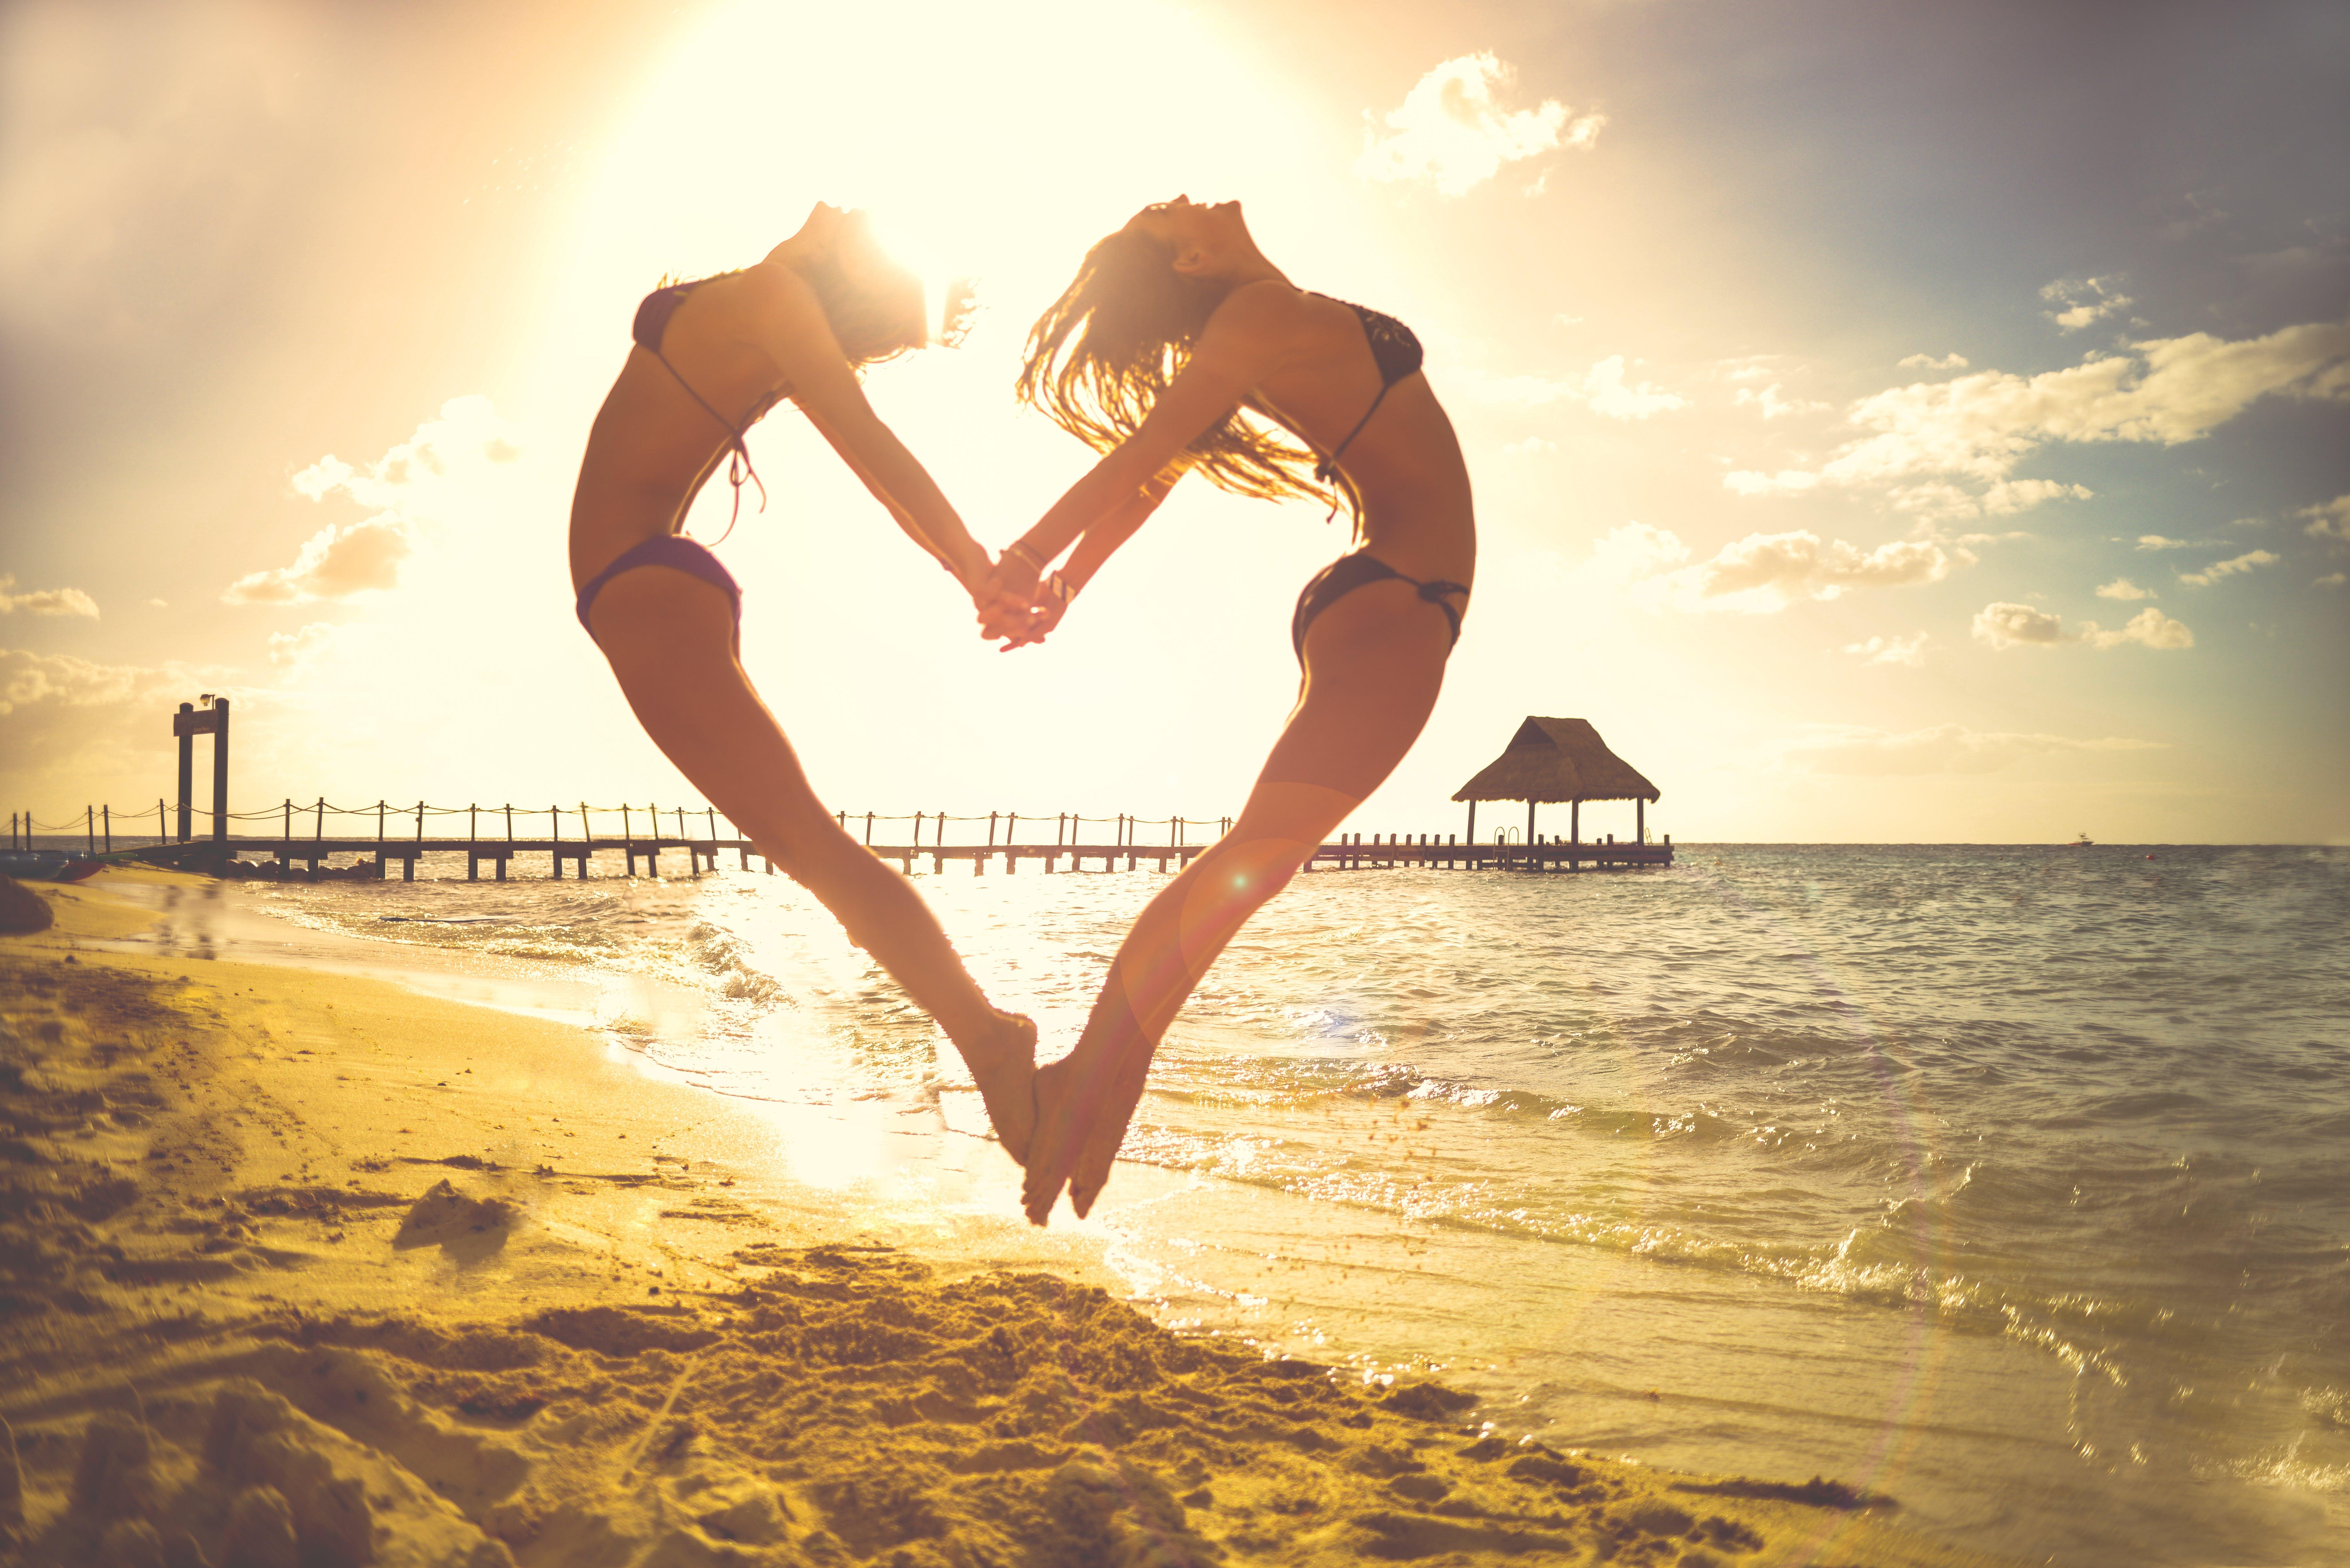 beach, beautiful, bikini